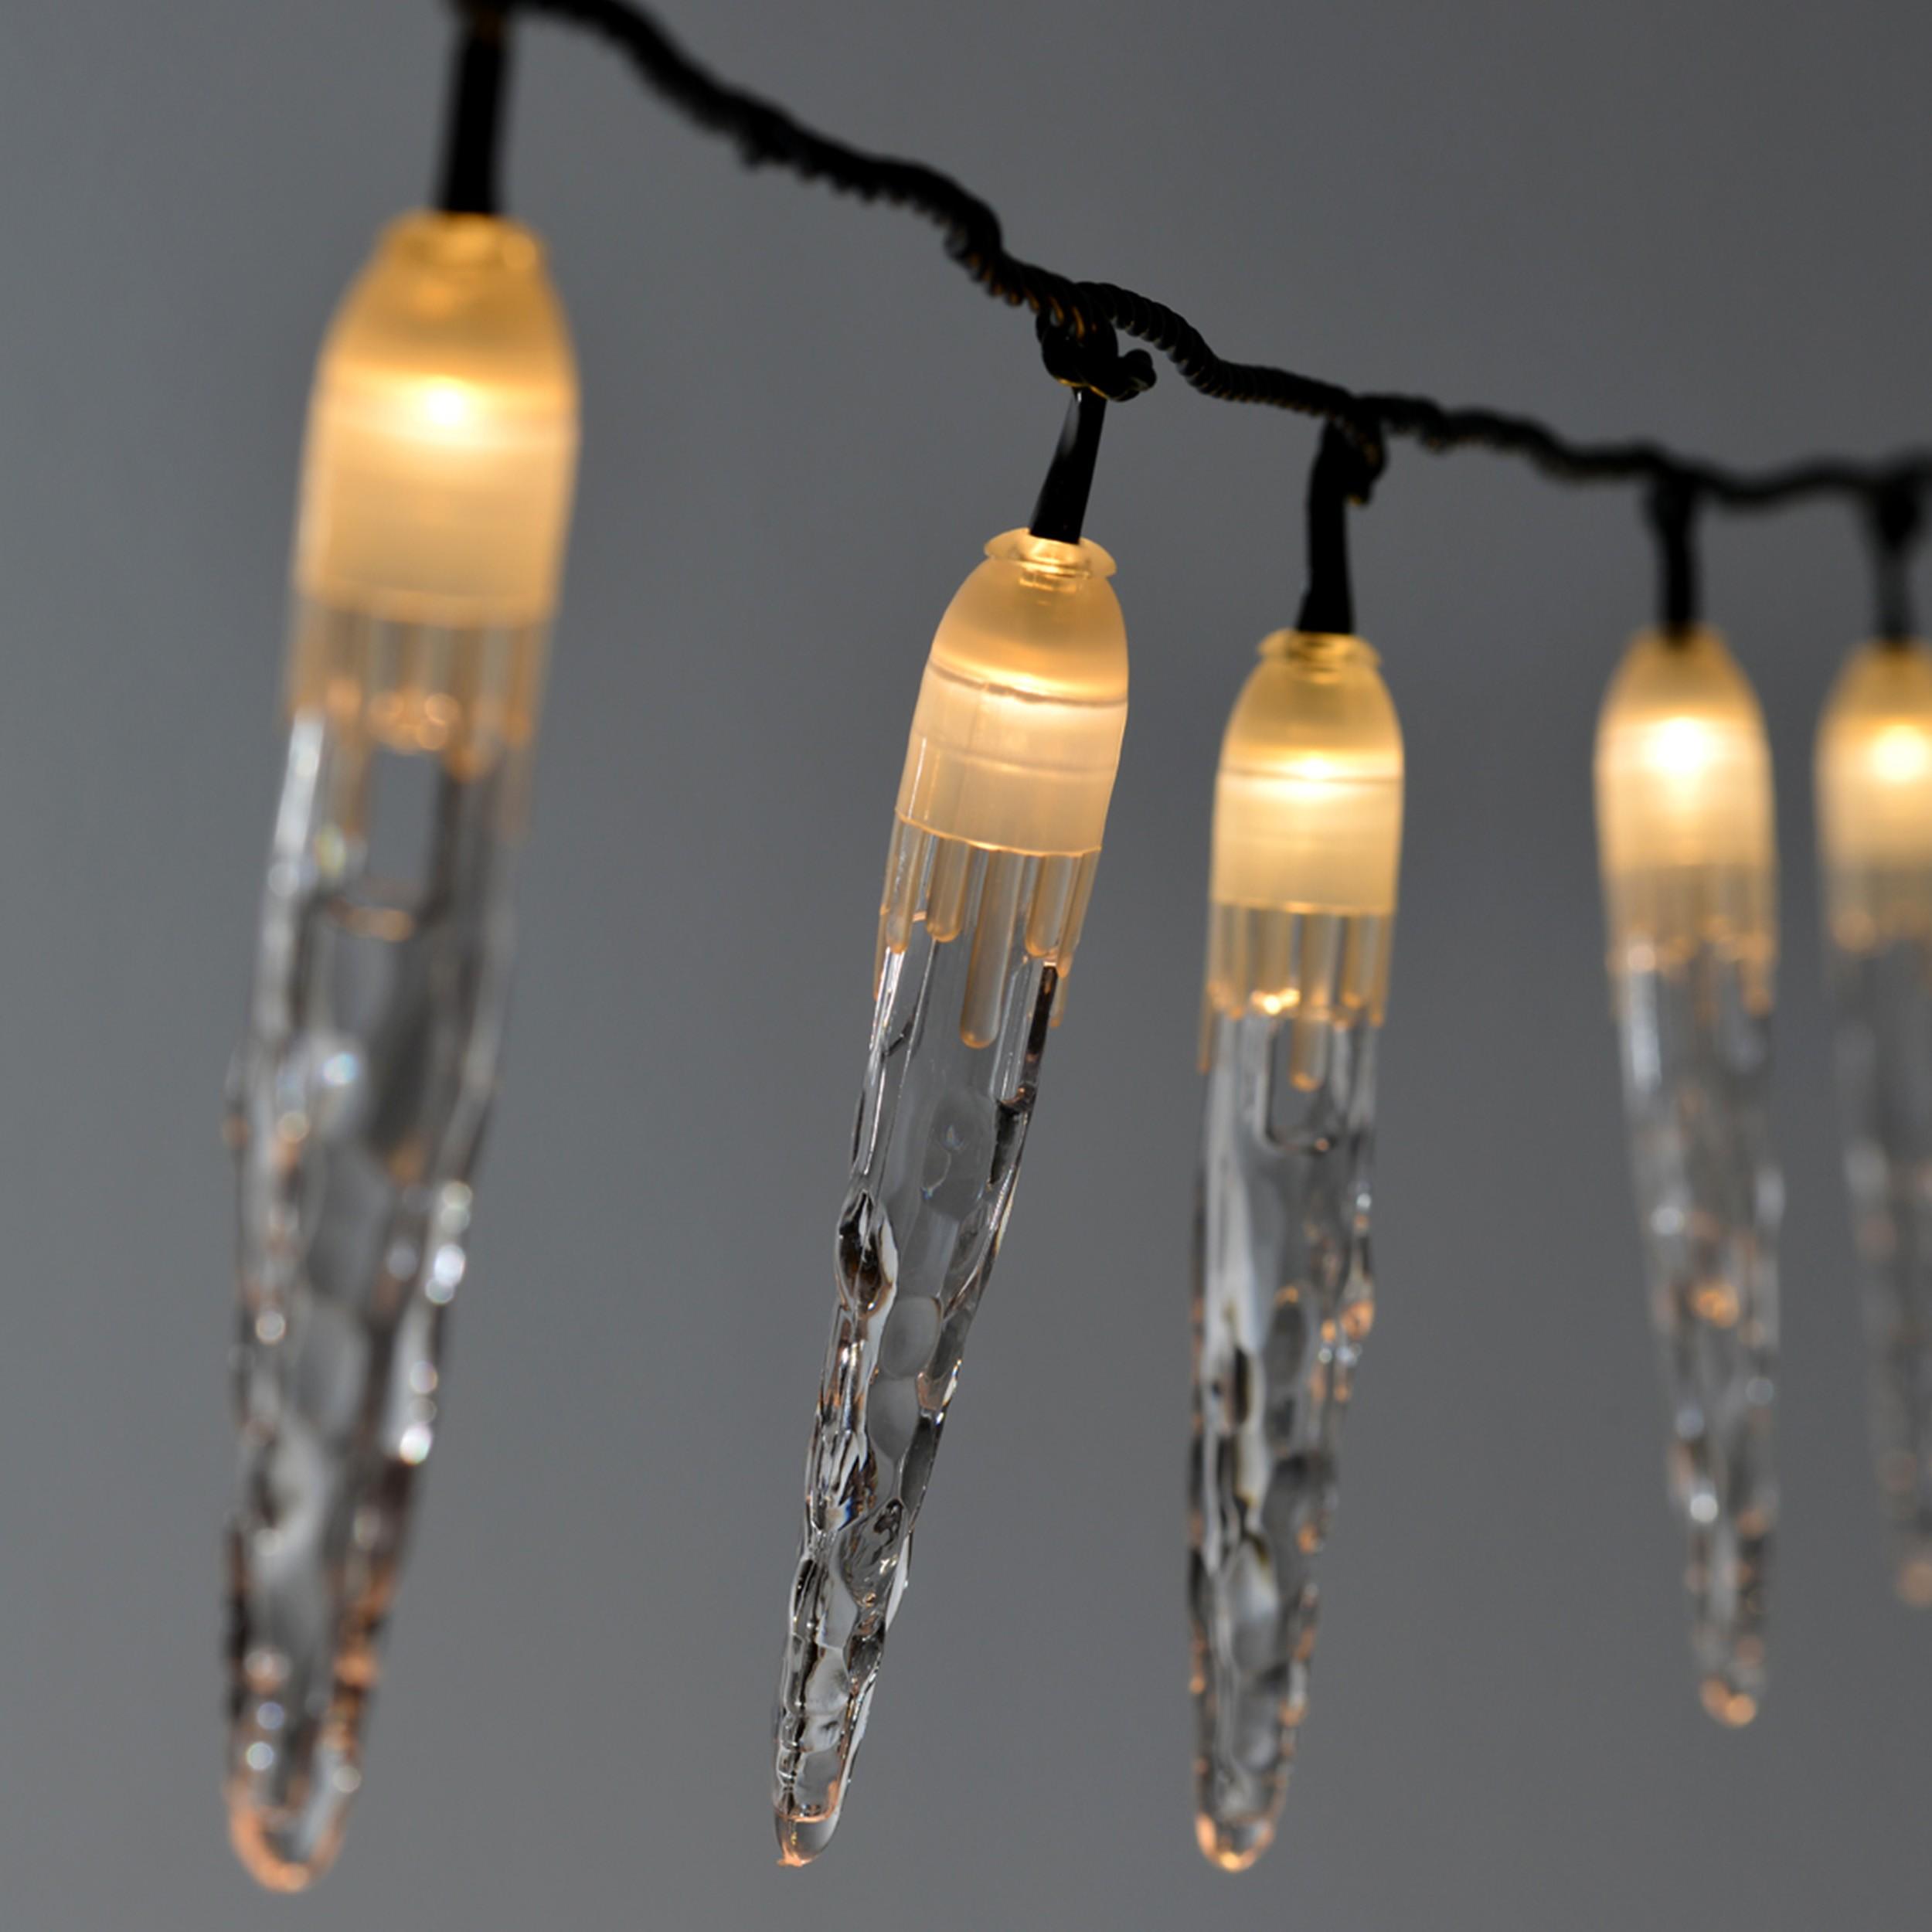 lichterkette eiszapfen 20 led weihnachten winter au en ebay. Black Bedroom Furniture Sets. Home Design Ideas